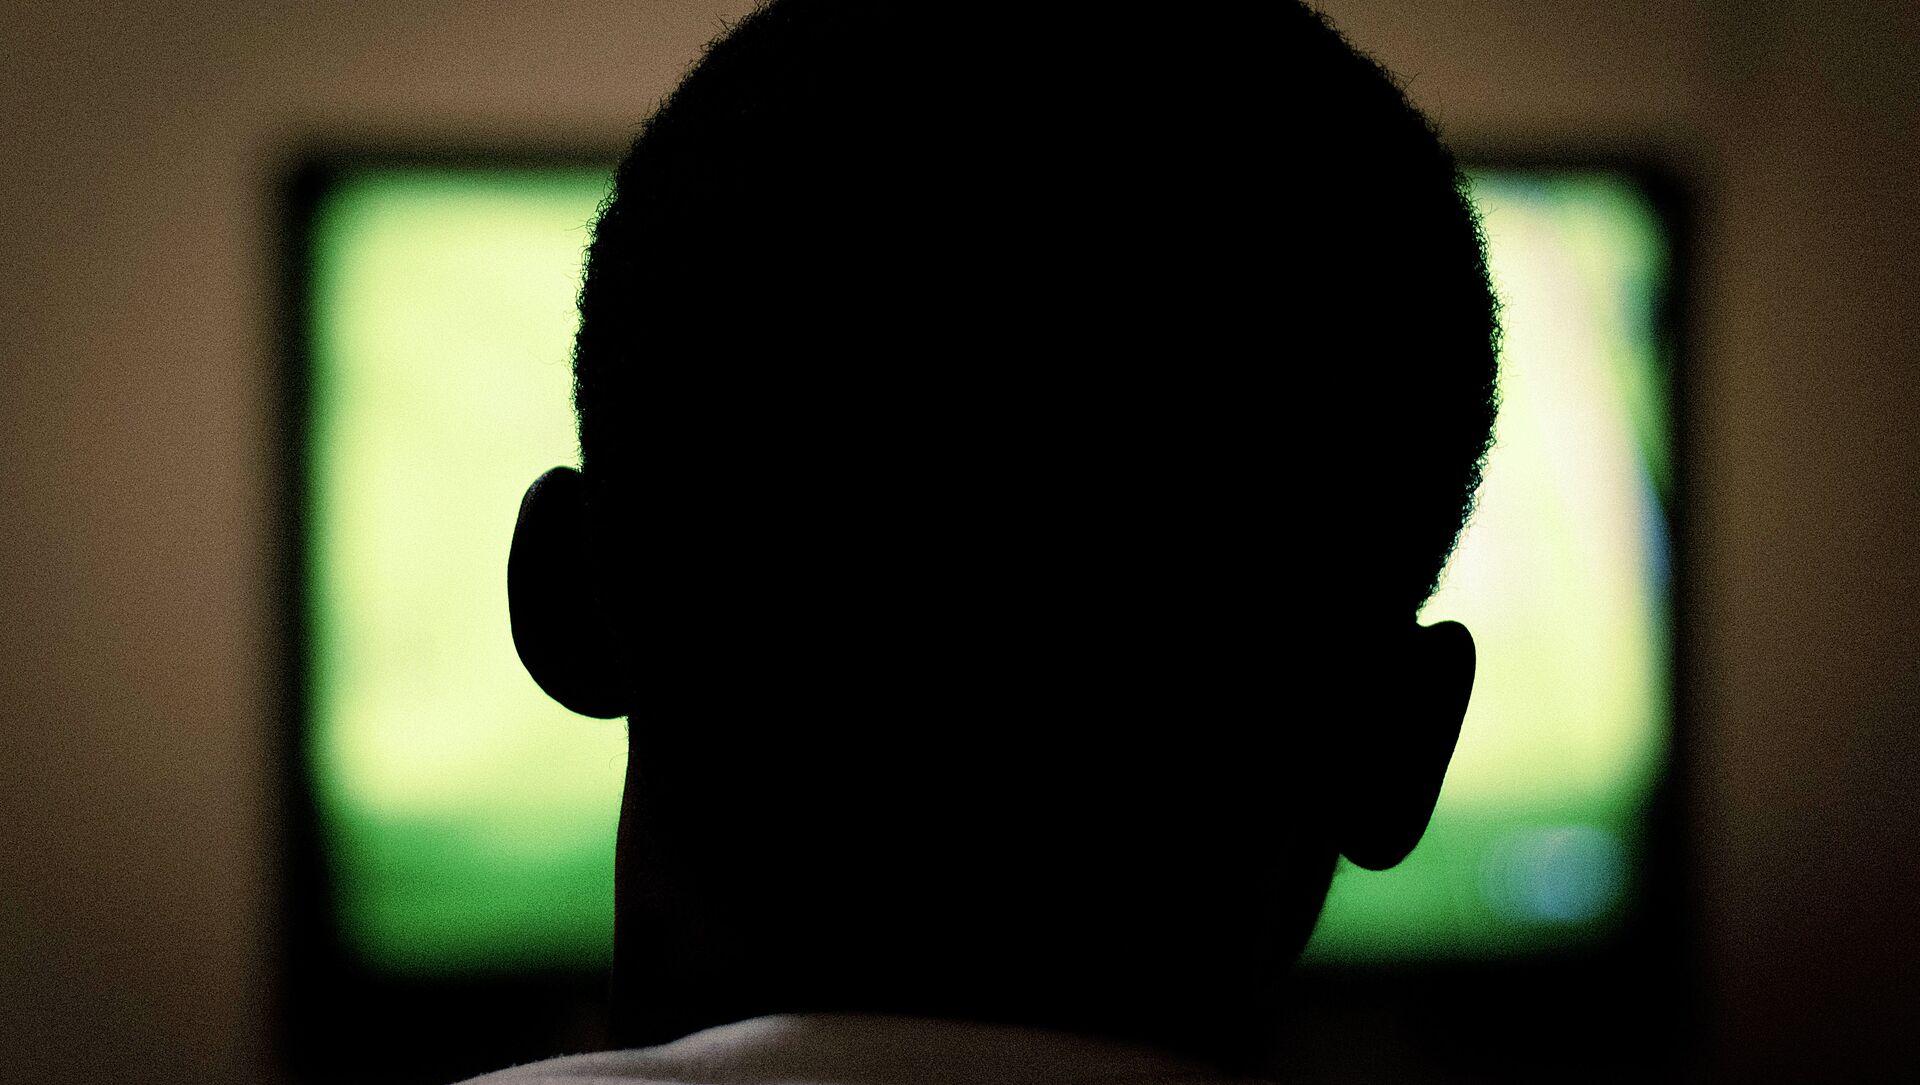 Un hombre ve la televisión - Sputnik Mundo, 1920, 02.10.2020